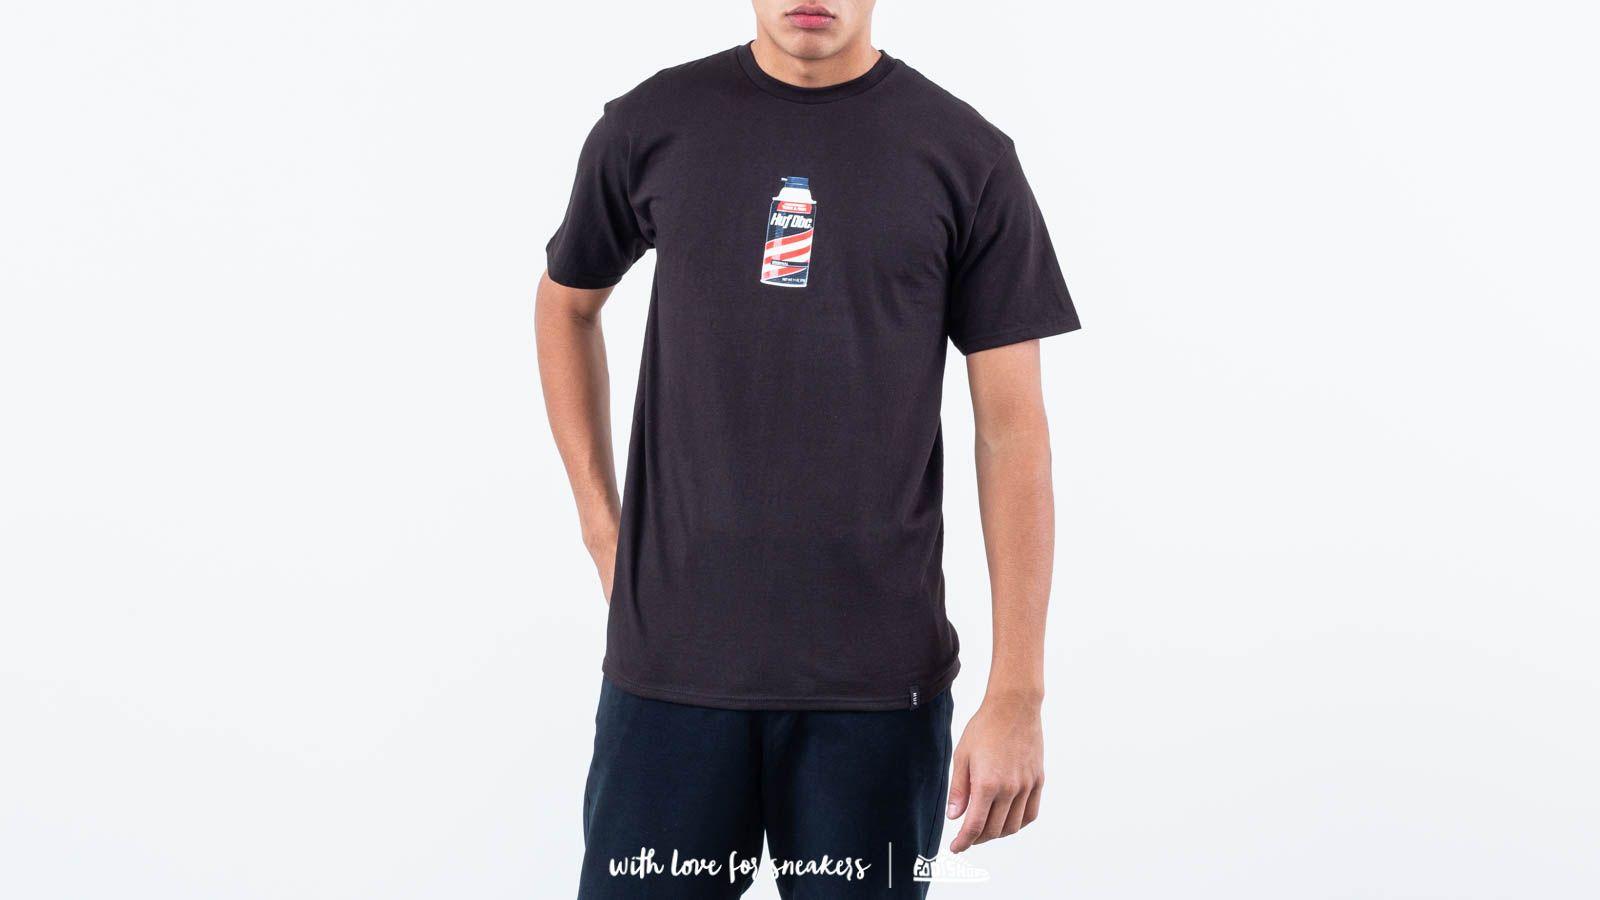 Trička a košile HUF Canned Heat Shortsleeve Tee Black